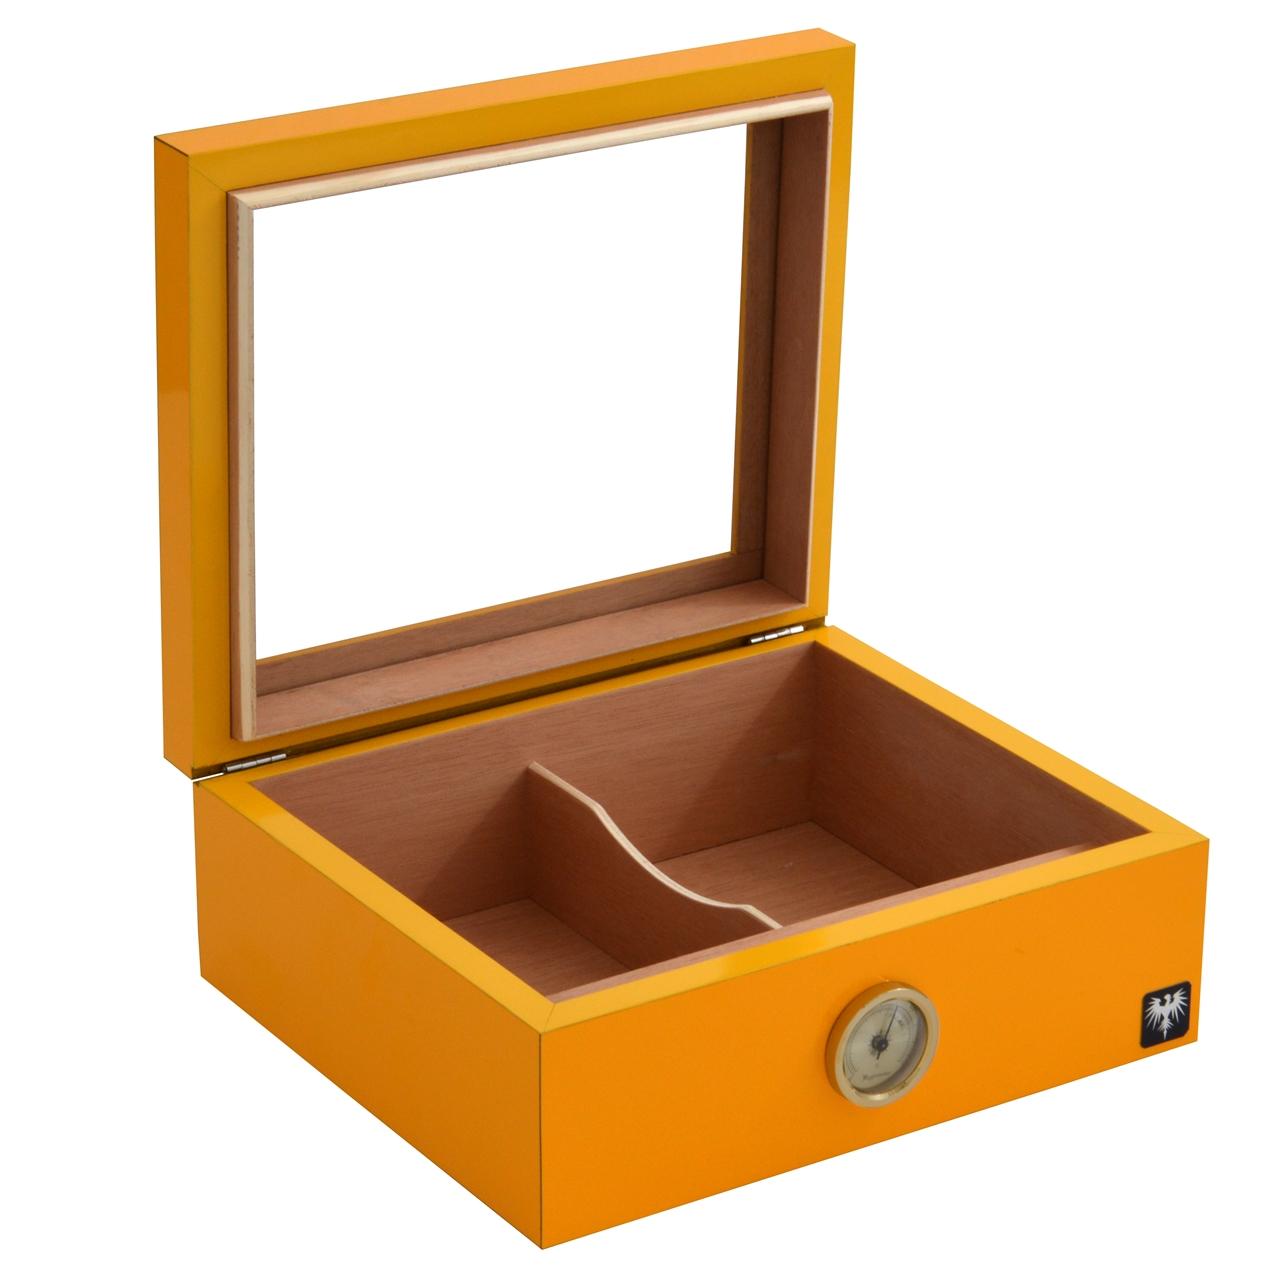 estojo-umidor-40-50-charutos-madeira-cedro-amarelo-imagem-2.jpg